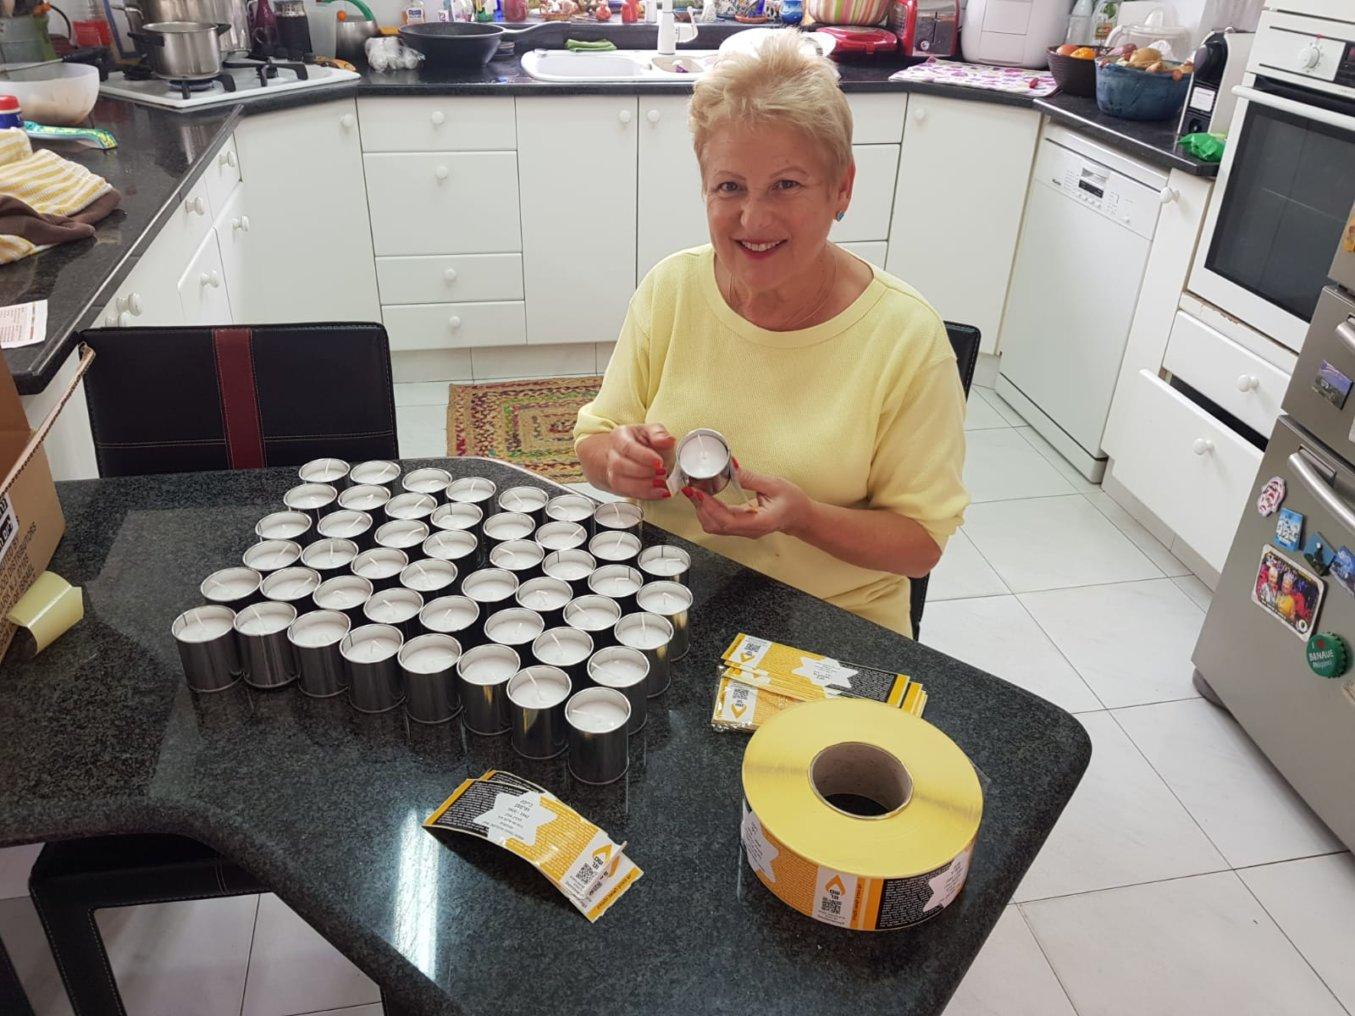 נורית אבנר מתנדבת בהדבקת תוויות על נרות זיכרון אישיים